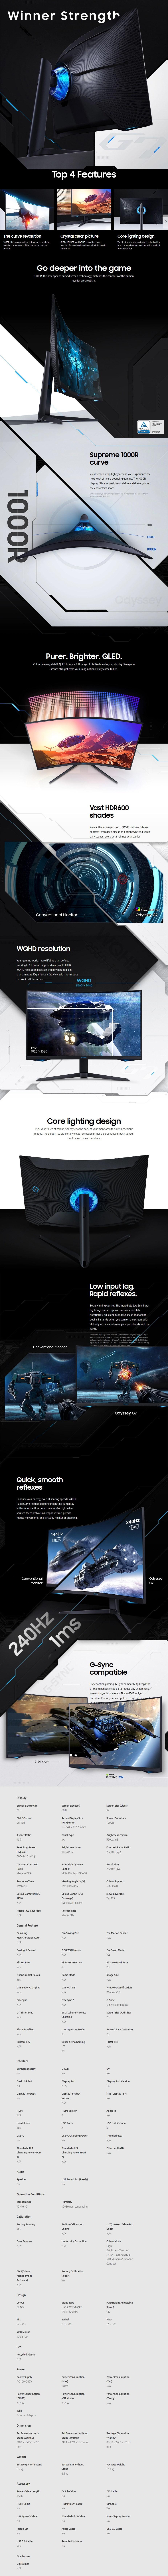 samsung-odyssey-g7-32-240hz-qhd-1ms-gsync-ready-curved-qled-gaming-monitor-ac33400-7.jpg